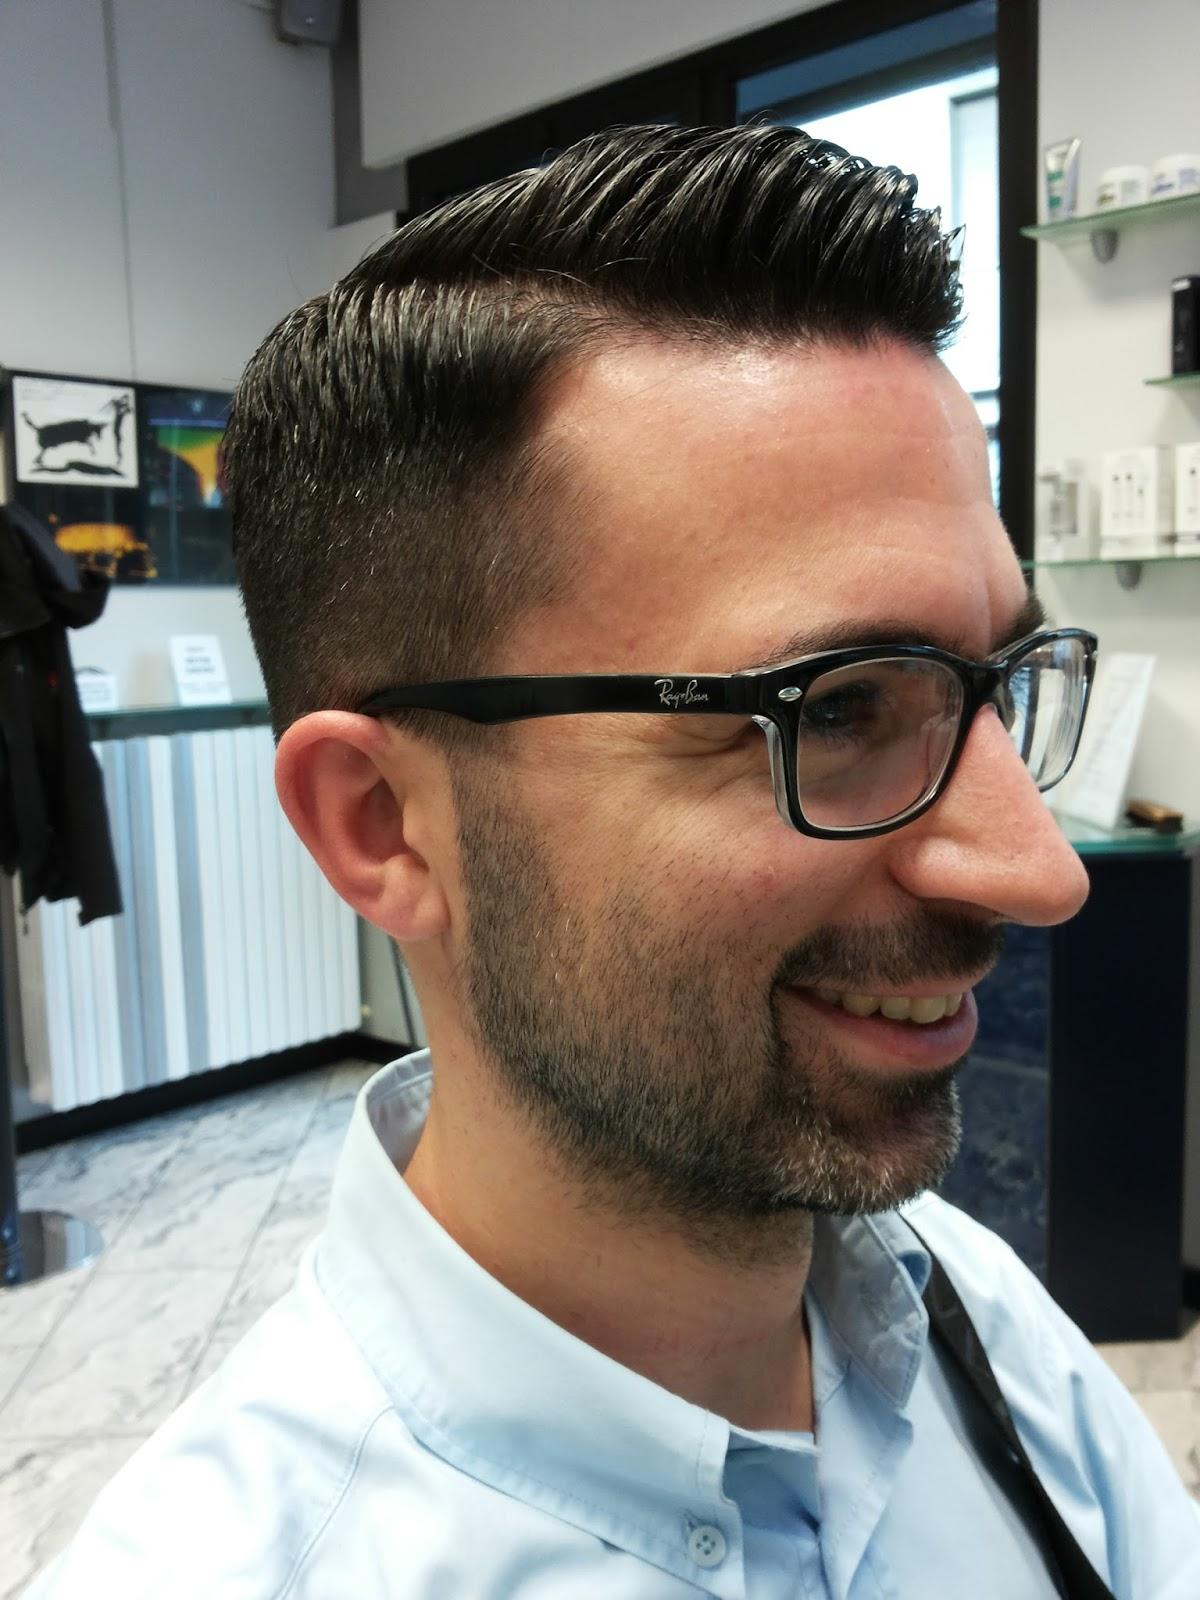 Eccezionale FIORENZO parrucchiere uomo: Taglio moderno in stile anni 50/60 WN45